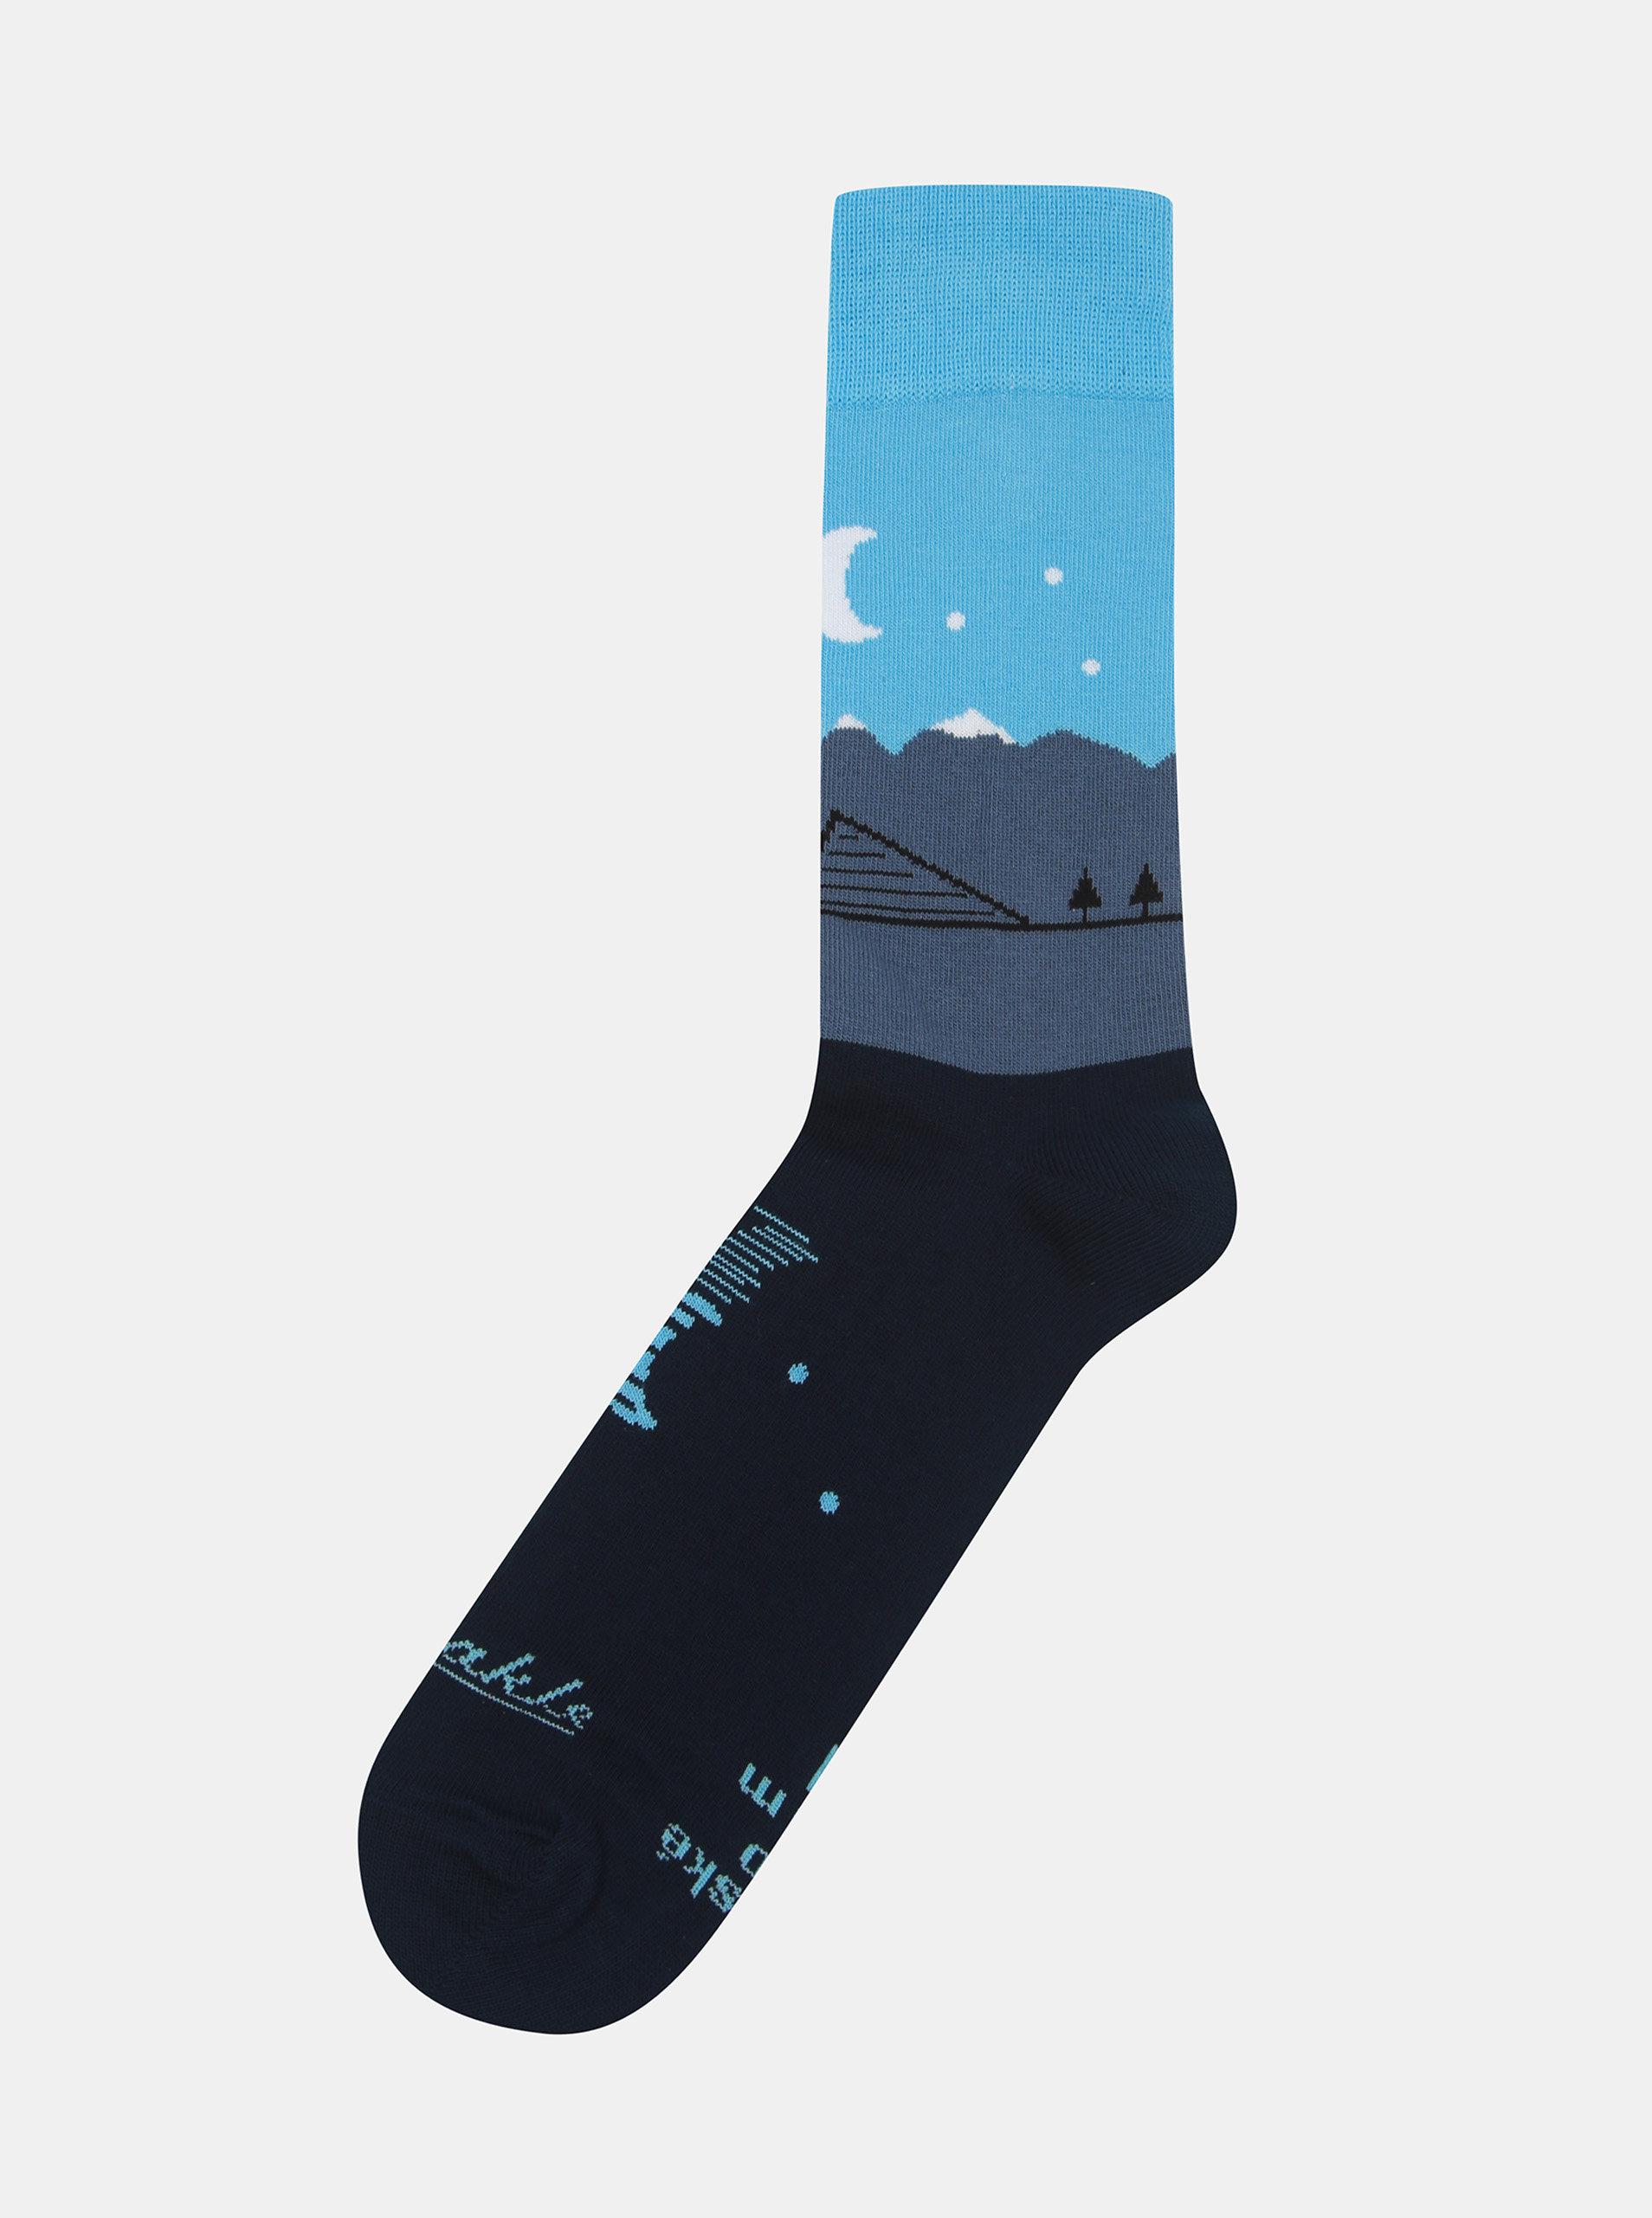 657078dc2d8 Tmavě modré ponožky se vzorem Fusakle Štrbské pleso ...